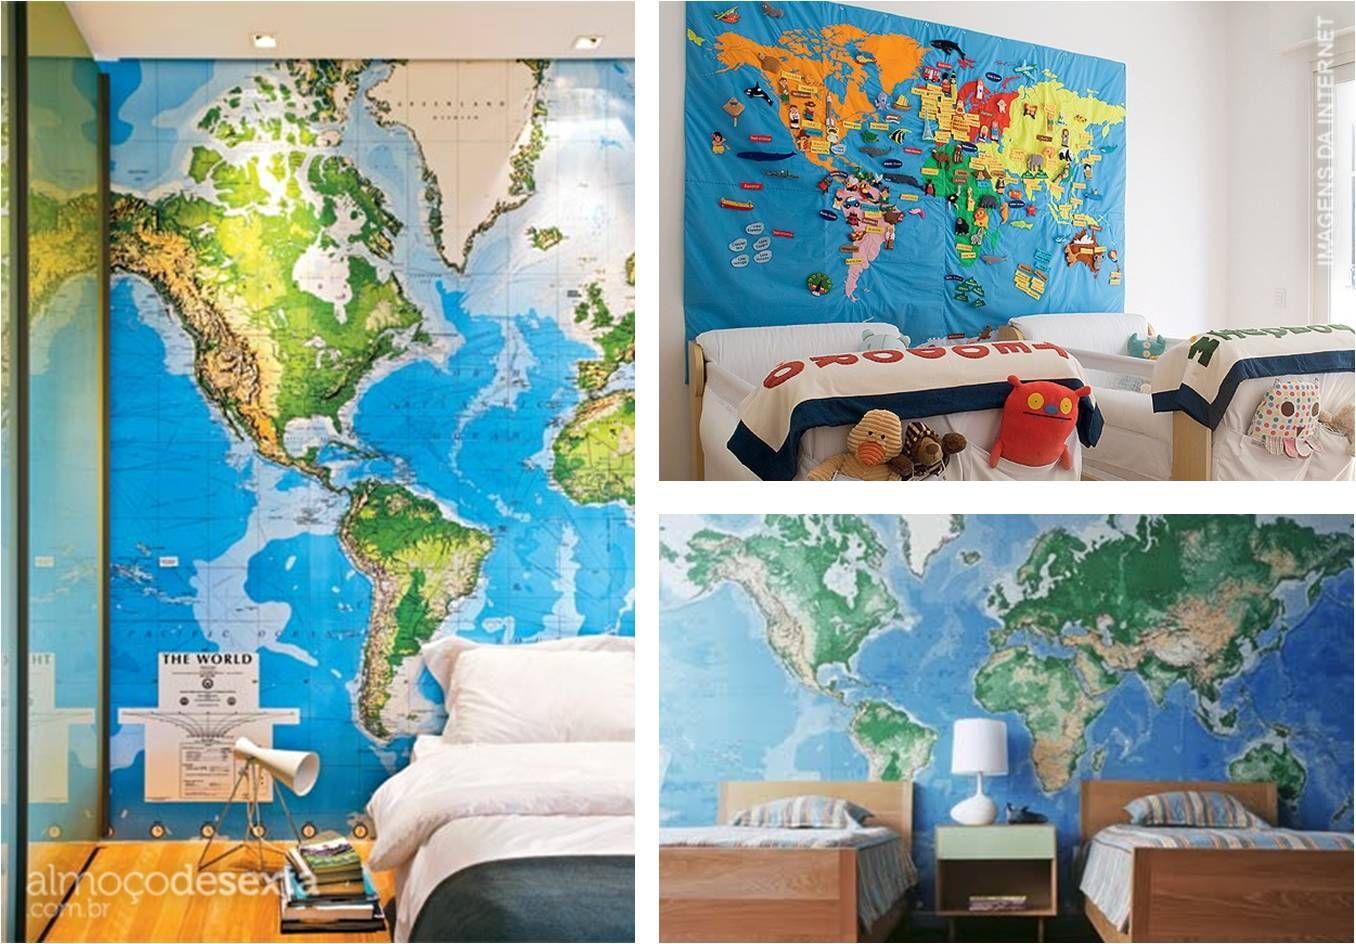 Adesivo De Parede Mapa Mundi Para Quarto Decor Pinterest  ~ Papel De Parede Mapa Mundi Quarto